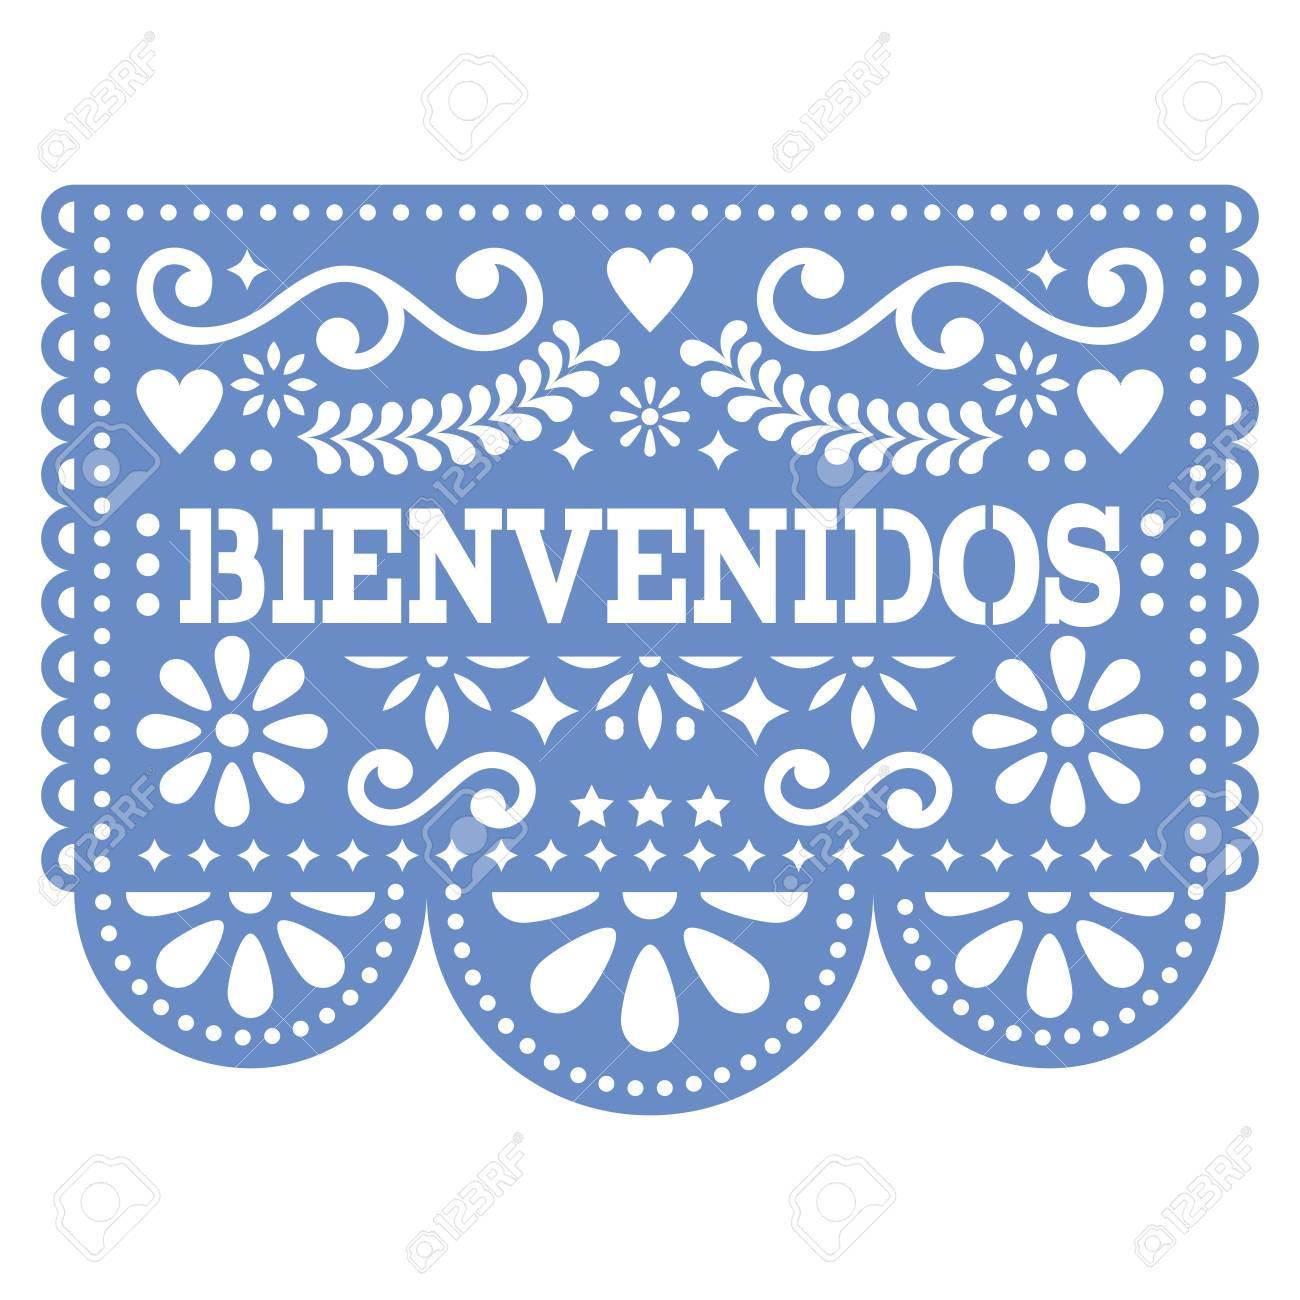 Papel Picado Bienvenidos vector design.